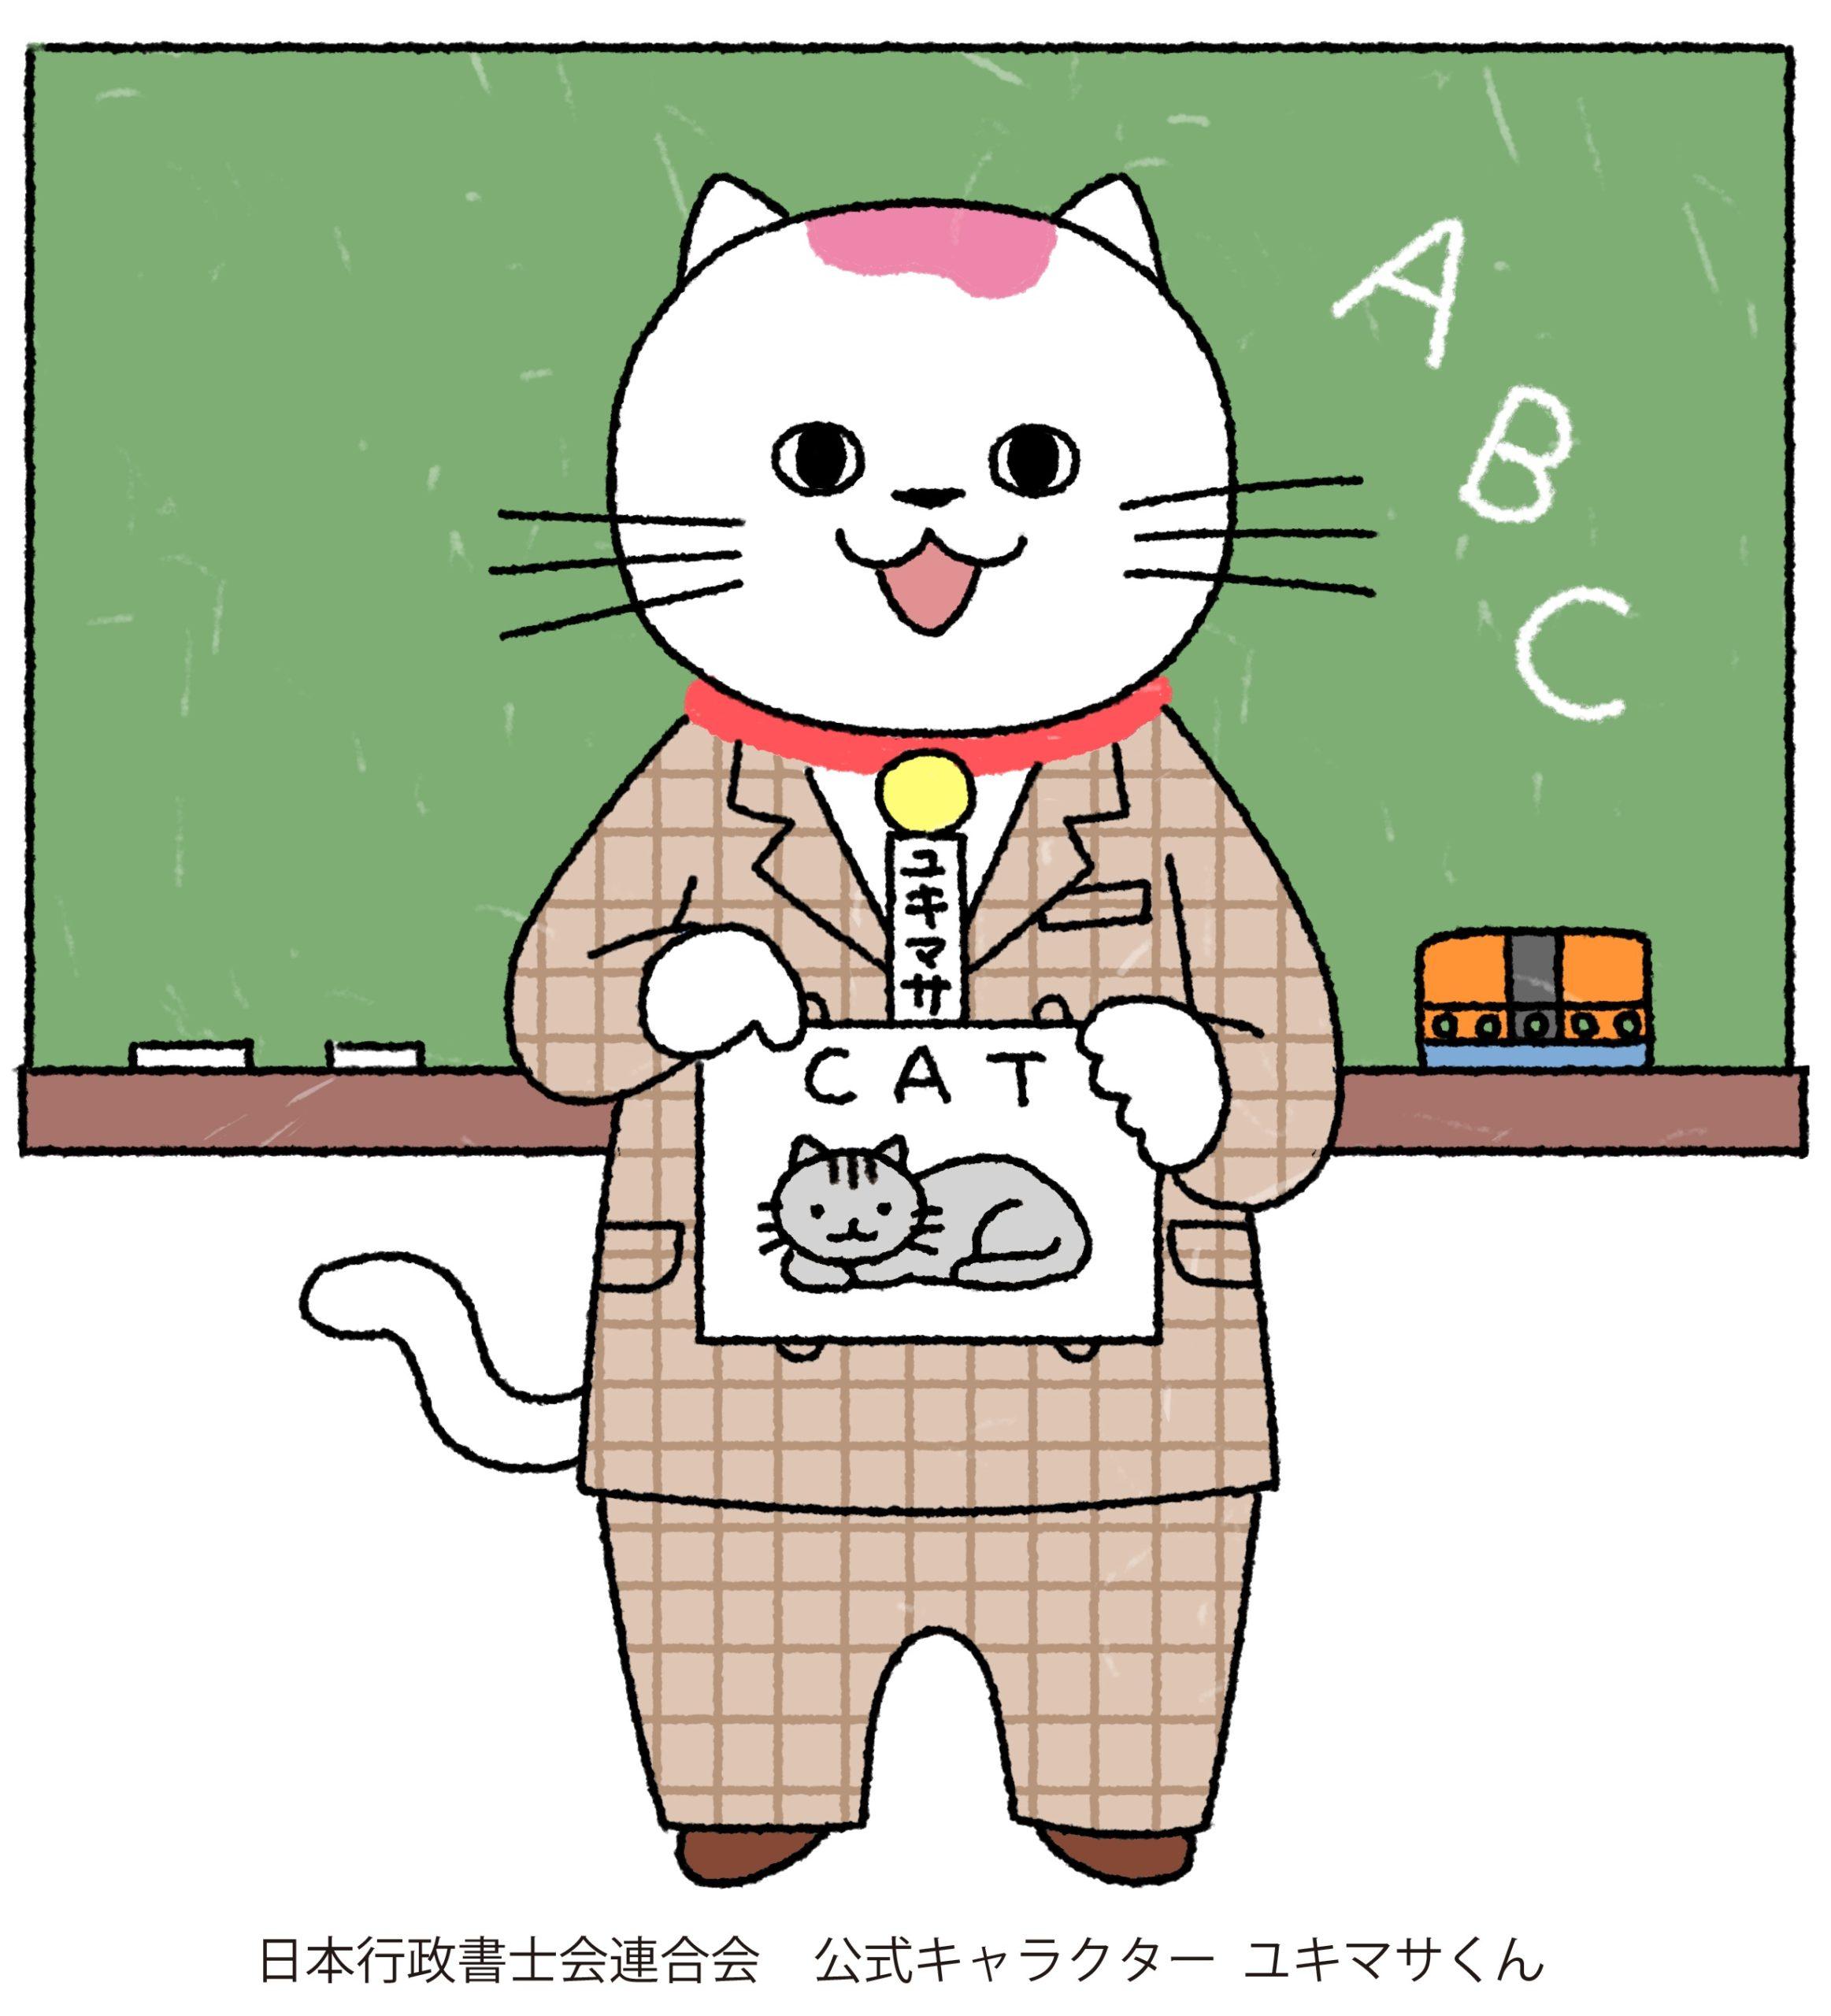 外国語の先生ユキマサくん